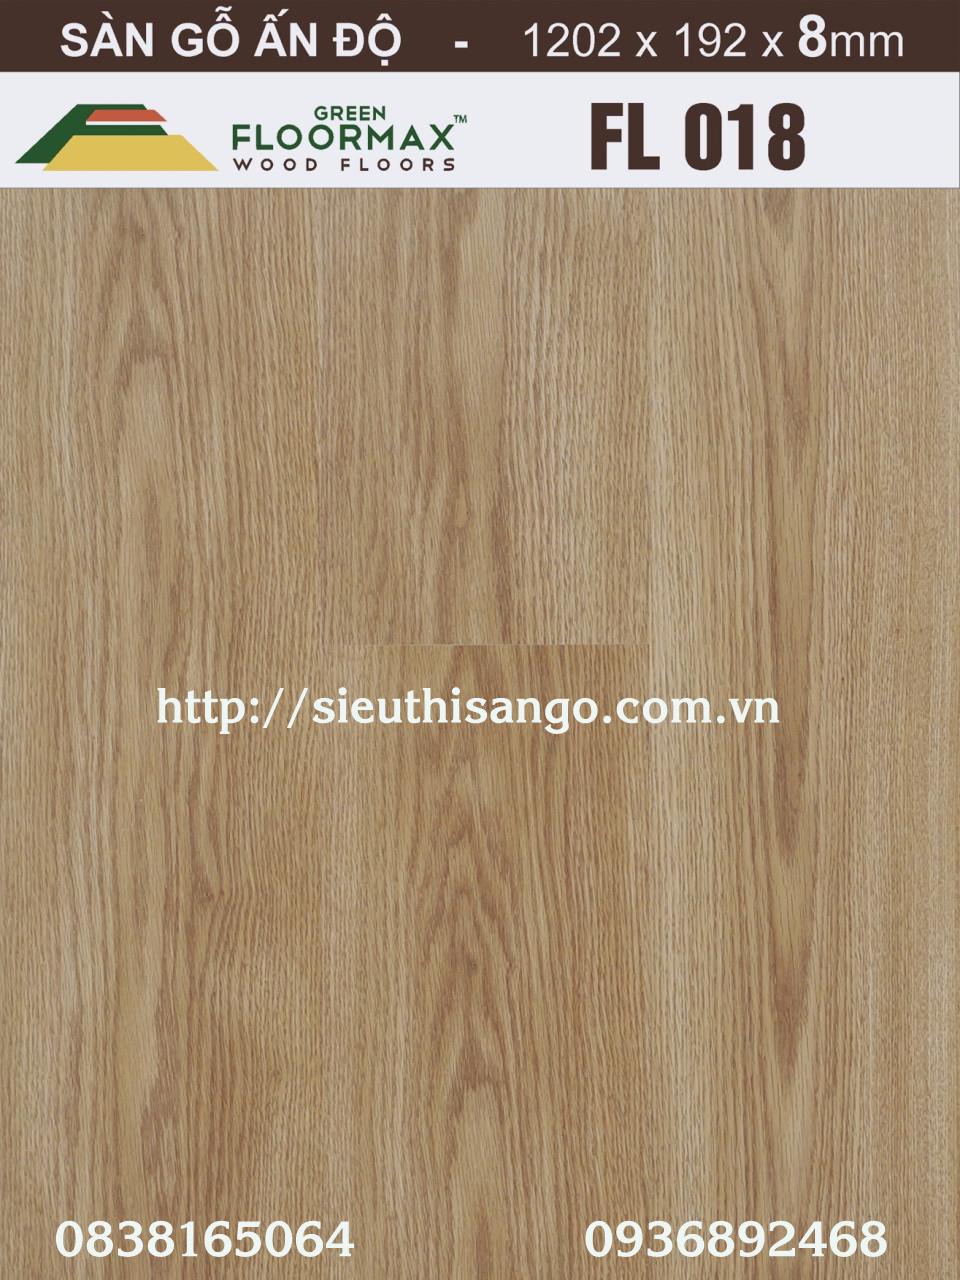 SÀN GỖ GREEN FLOORMAX FL018